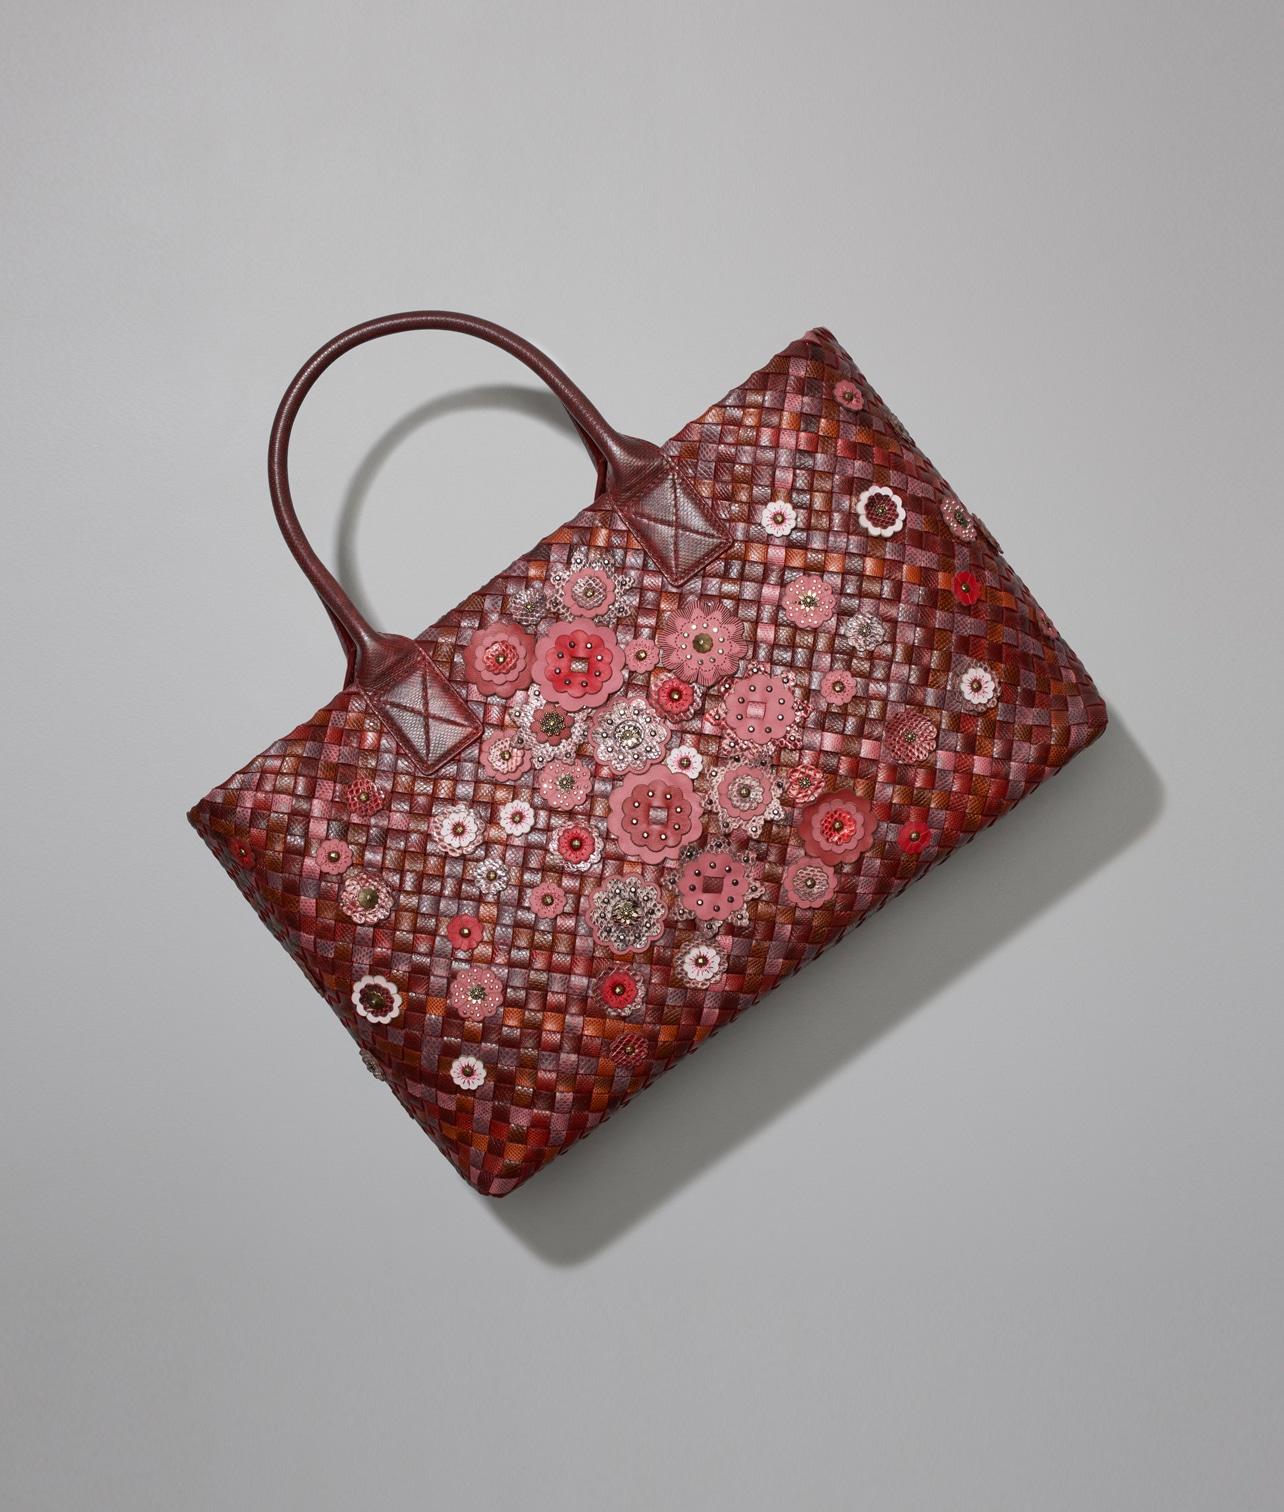 60729a7ef3a5 Bottega Veneta Multicolor Karung Ayers Floral Embellished Cabat Bag